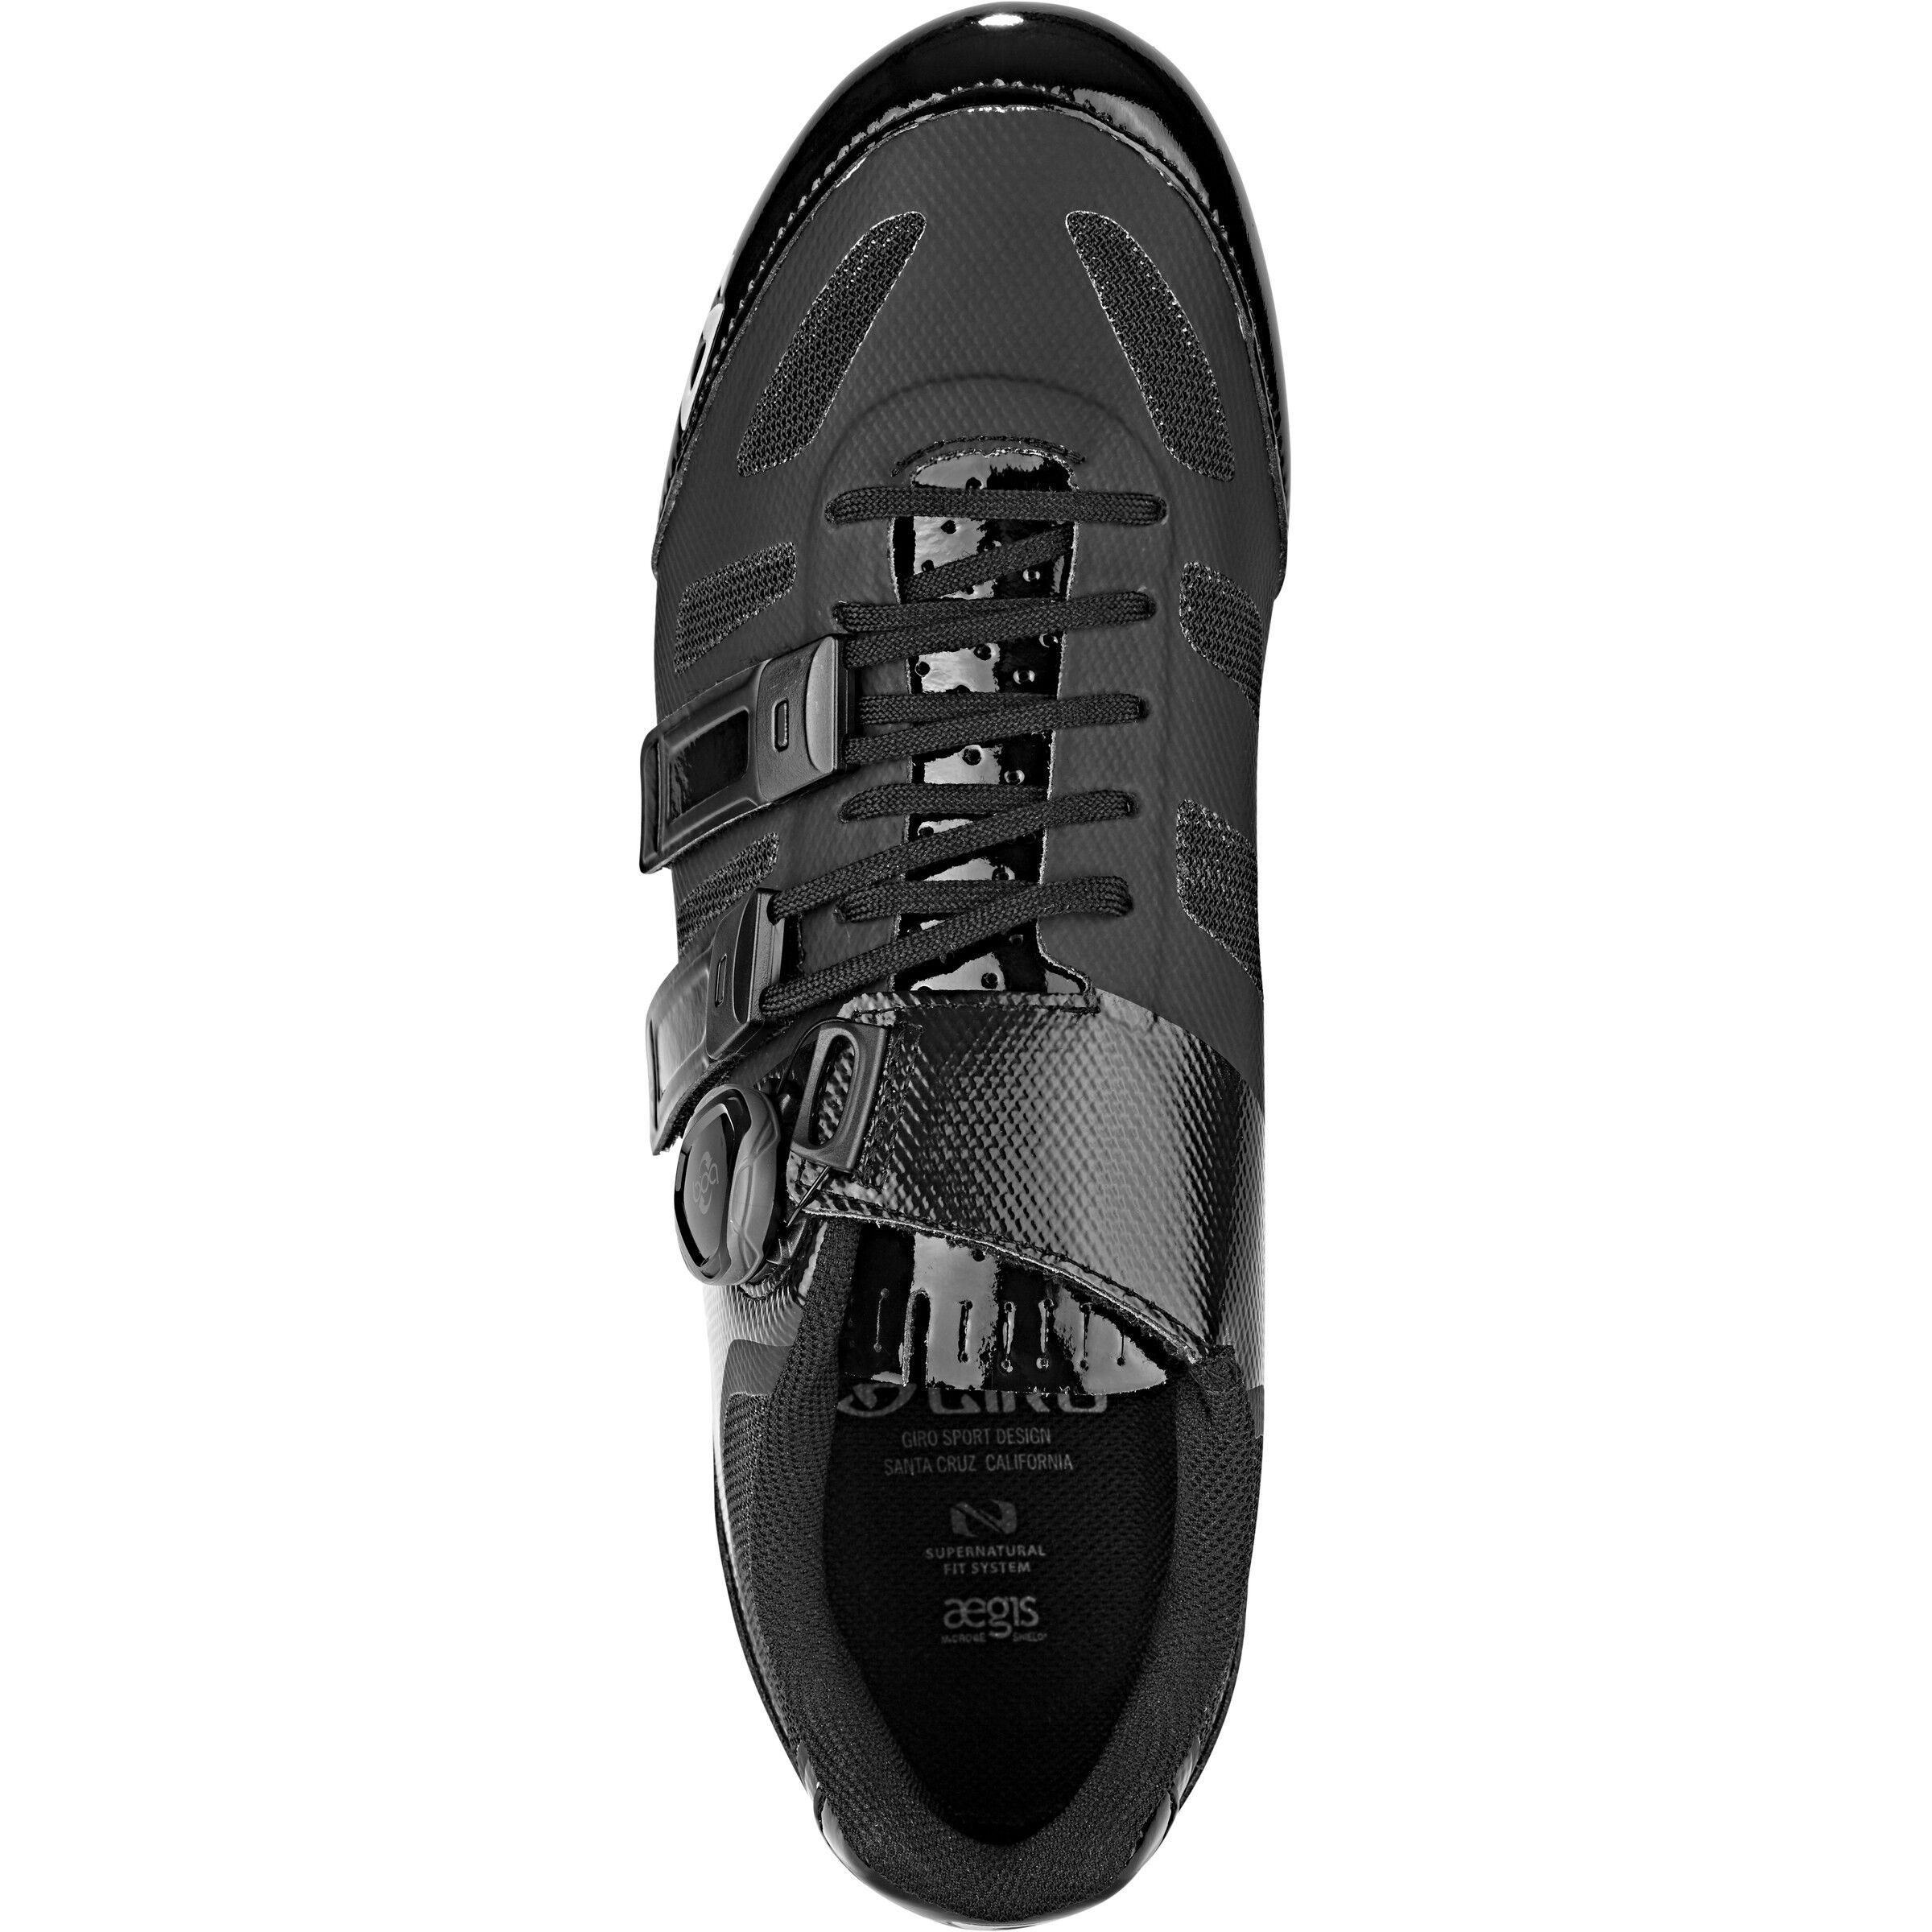 Shoes Sentrie black Herren Giro Techlace pqSUMVz